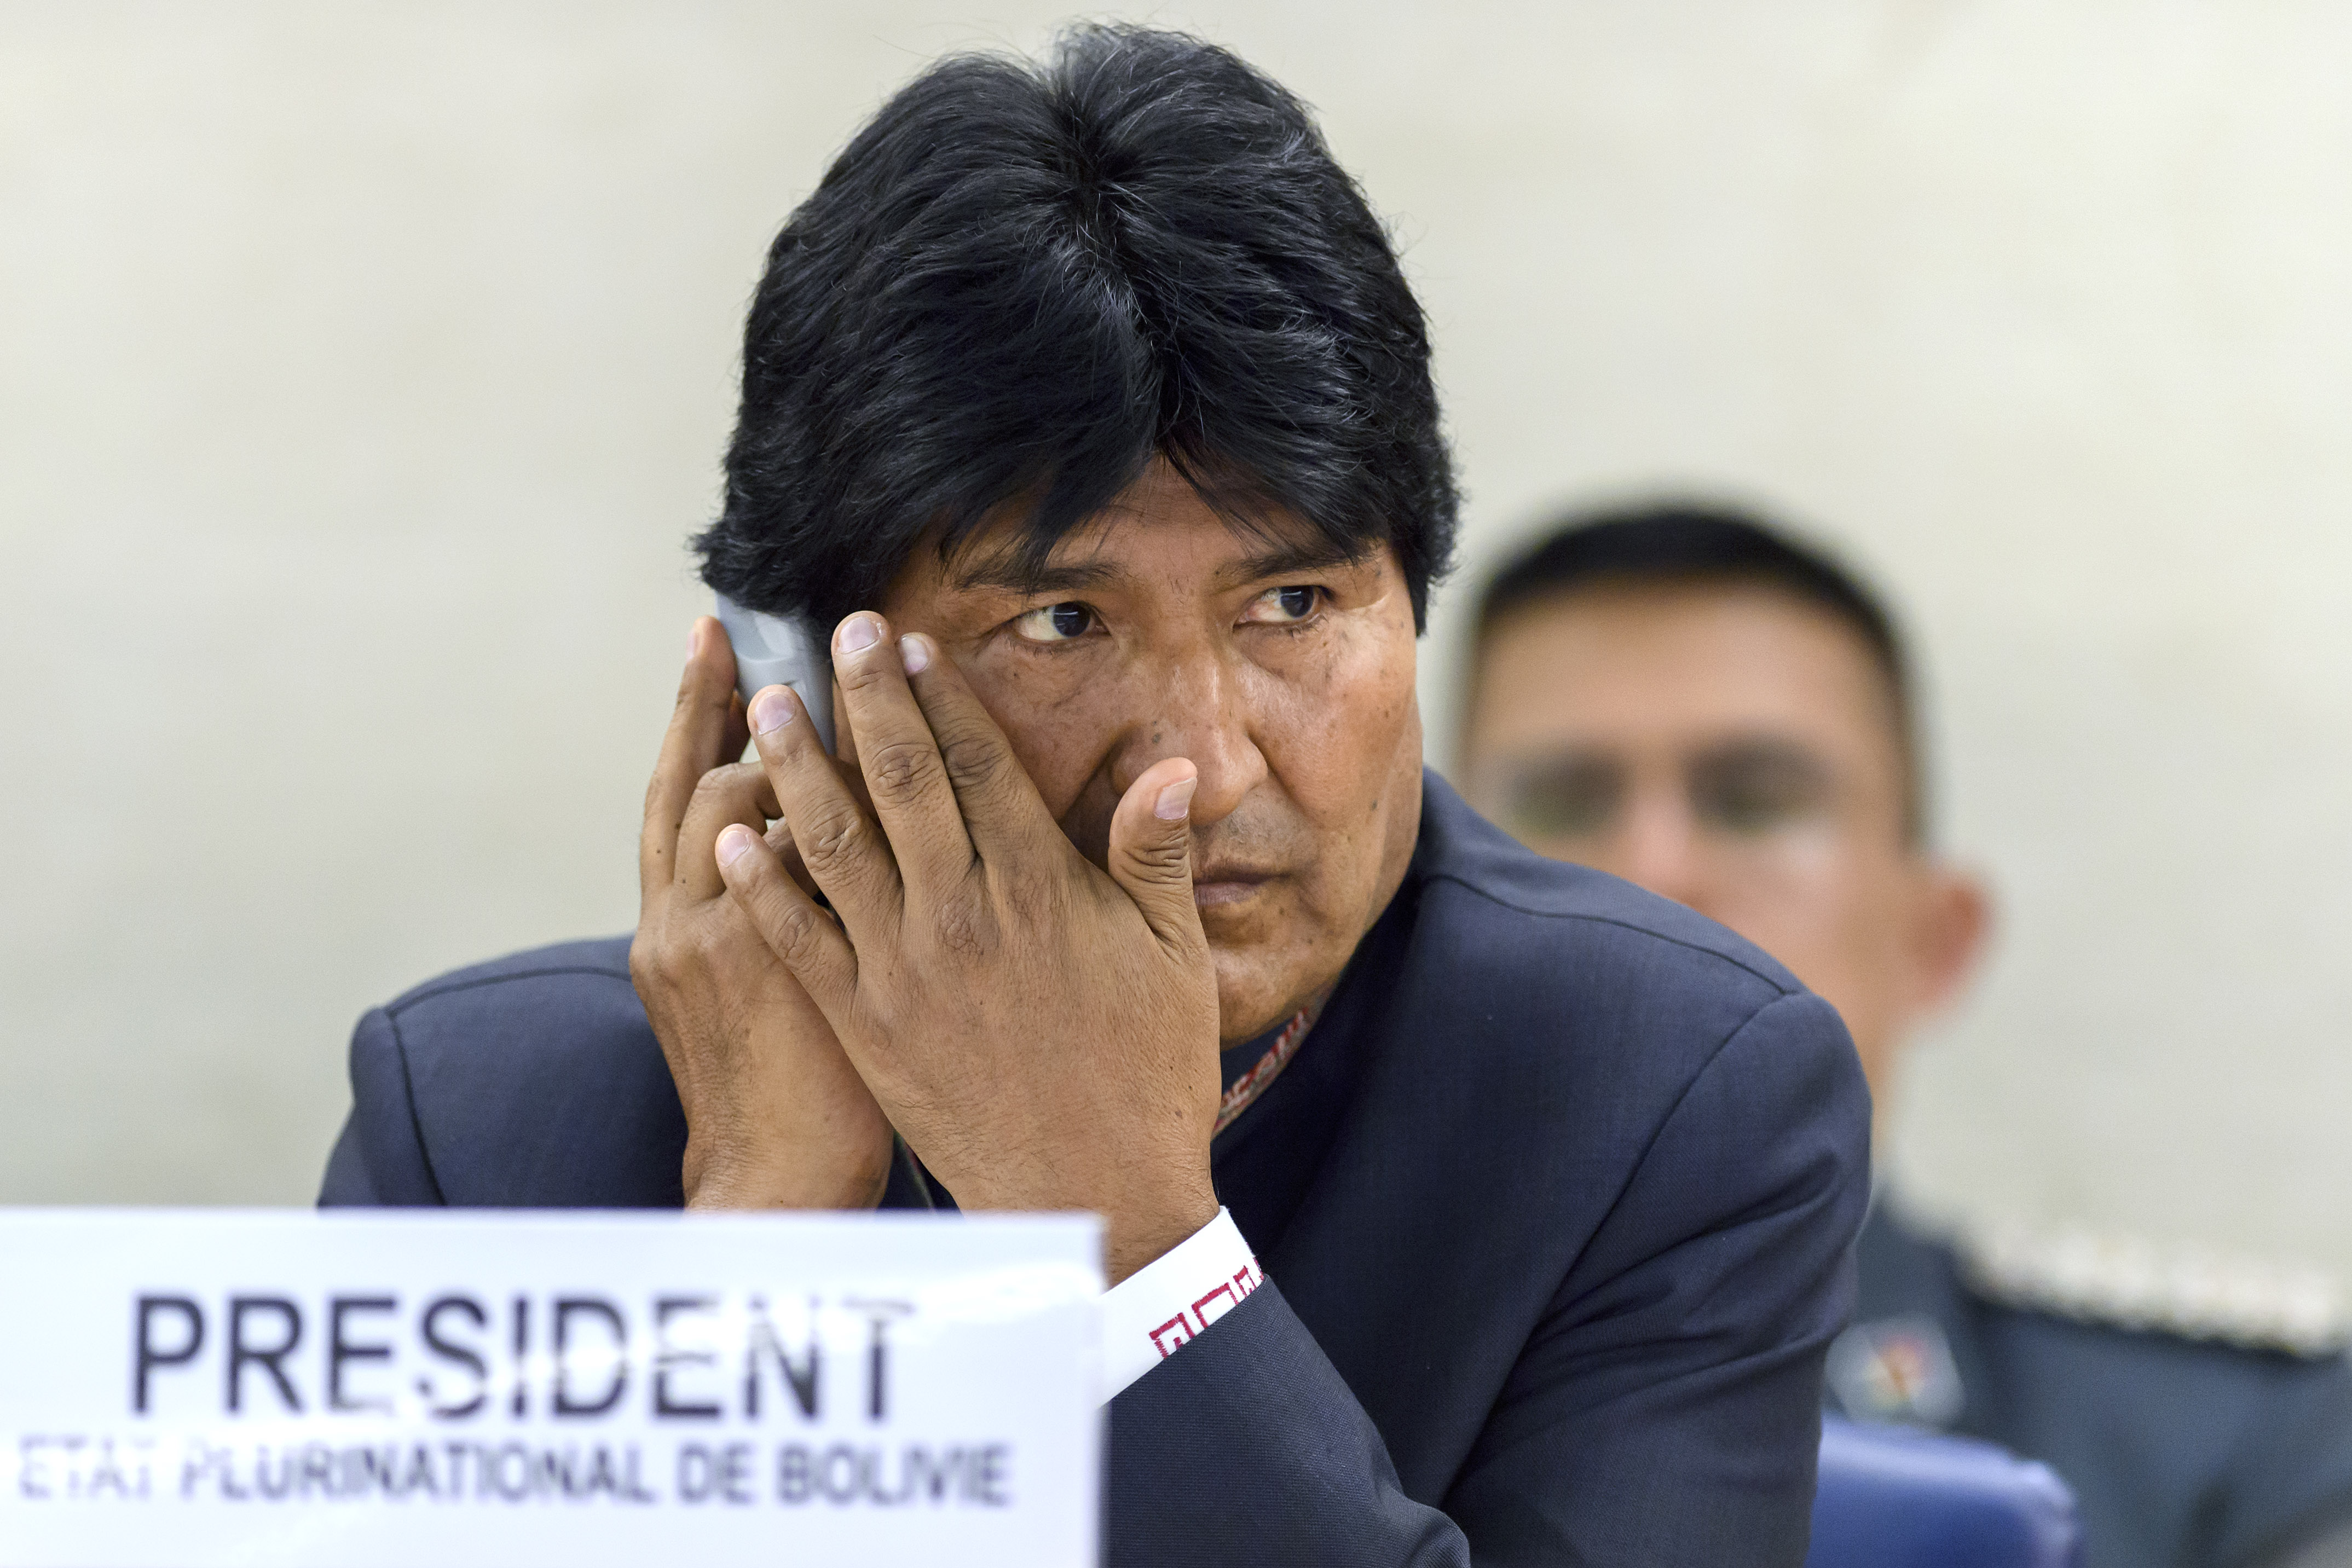 Президент Боливии Эво Моралес. Фото: EPA/MARTIAL TREZZINI